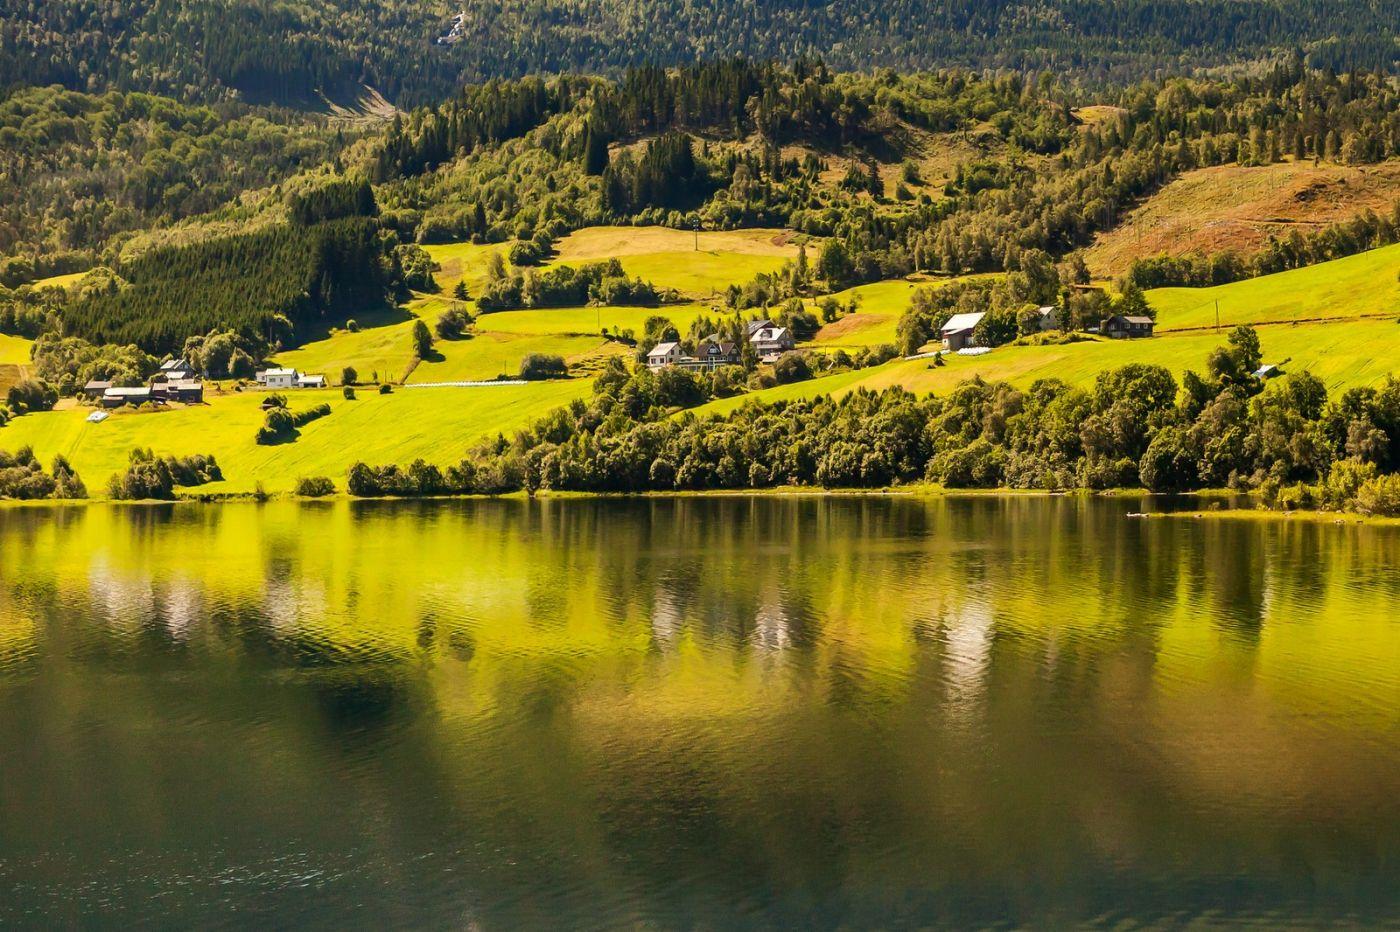 北欧风光,风景美如画_图1-18